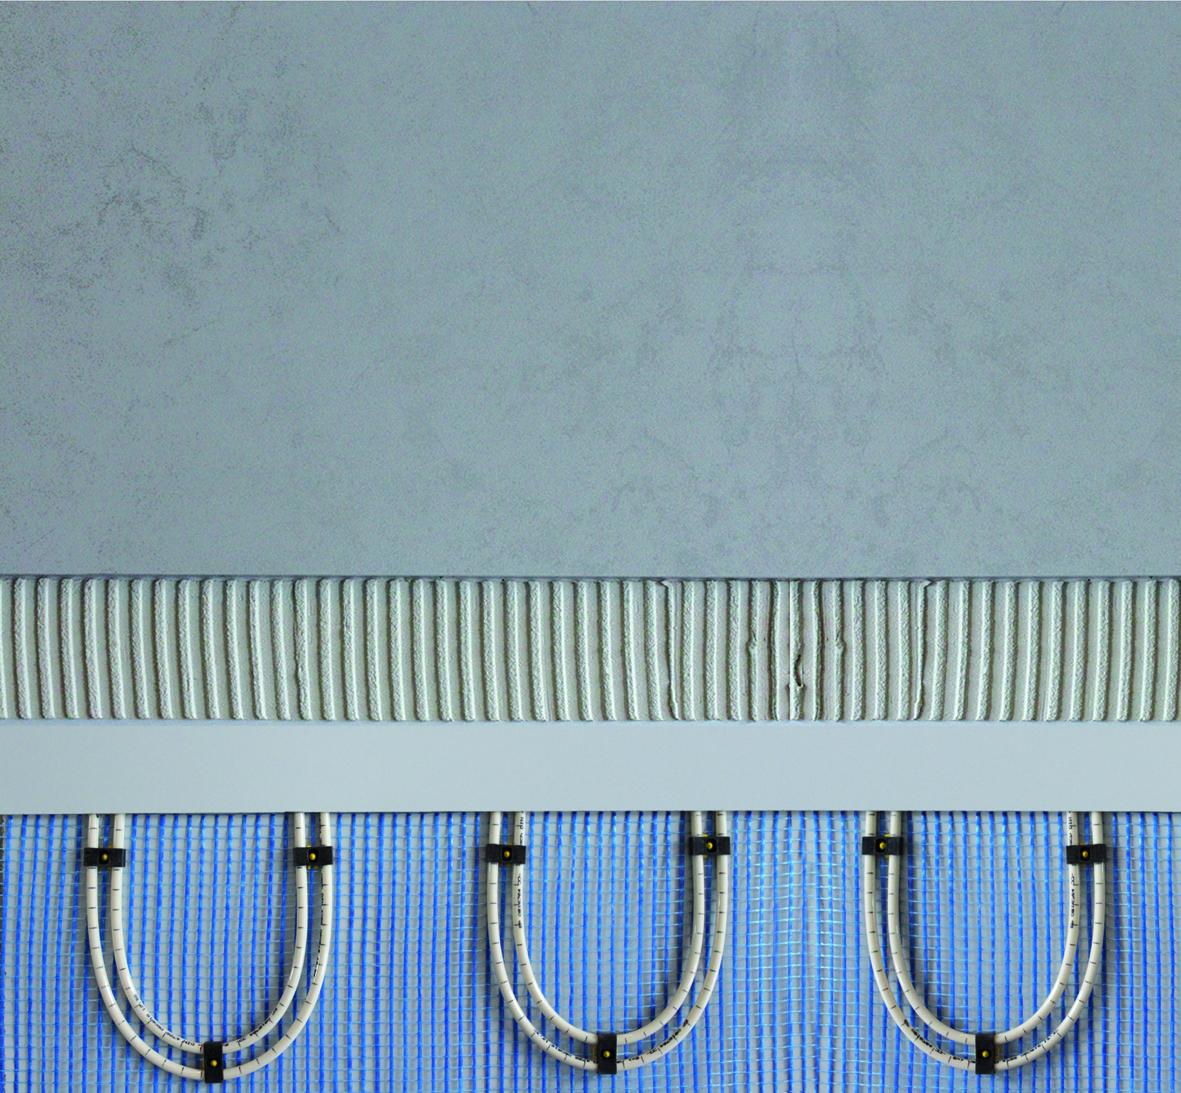 warmwasser fussbodenheizung zum nachr sten f r kleine fl chen. Black Bedroom Furniture Sets. Home Design Ideas